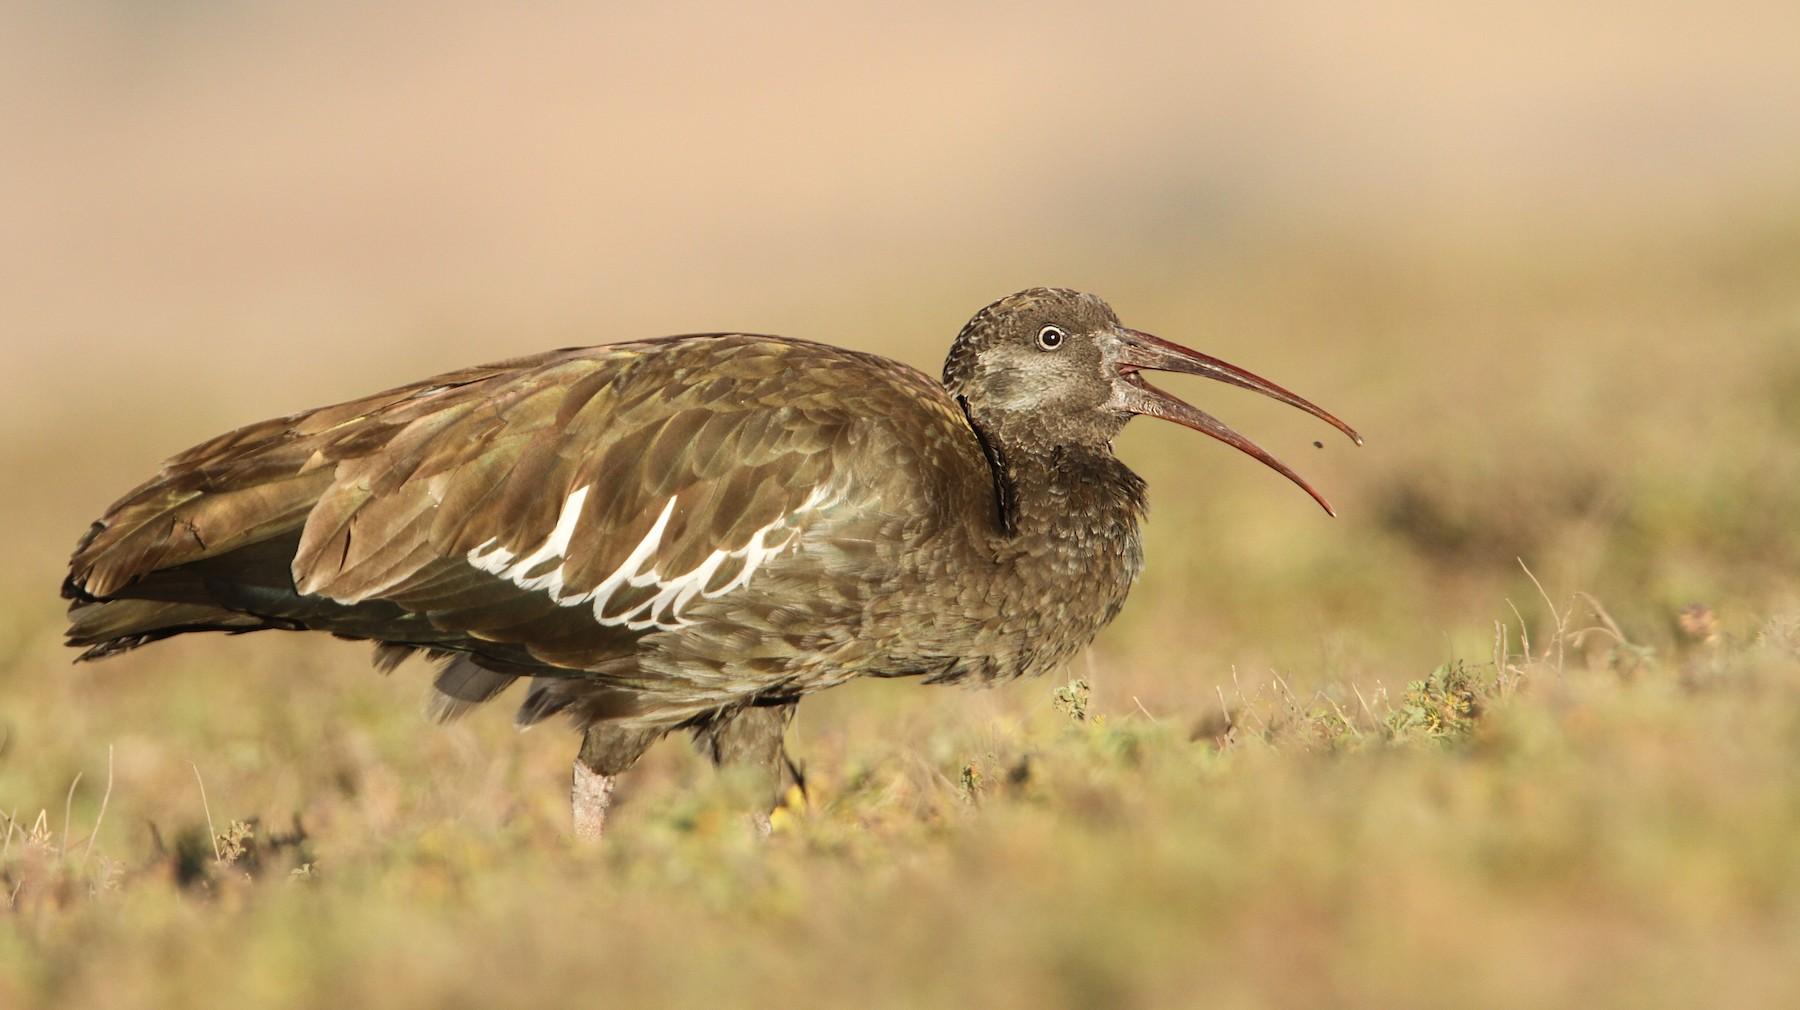 Wattled Ibis - Luke Seitz